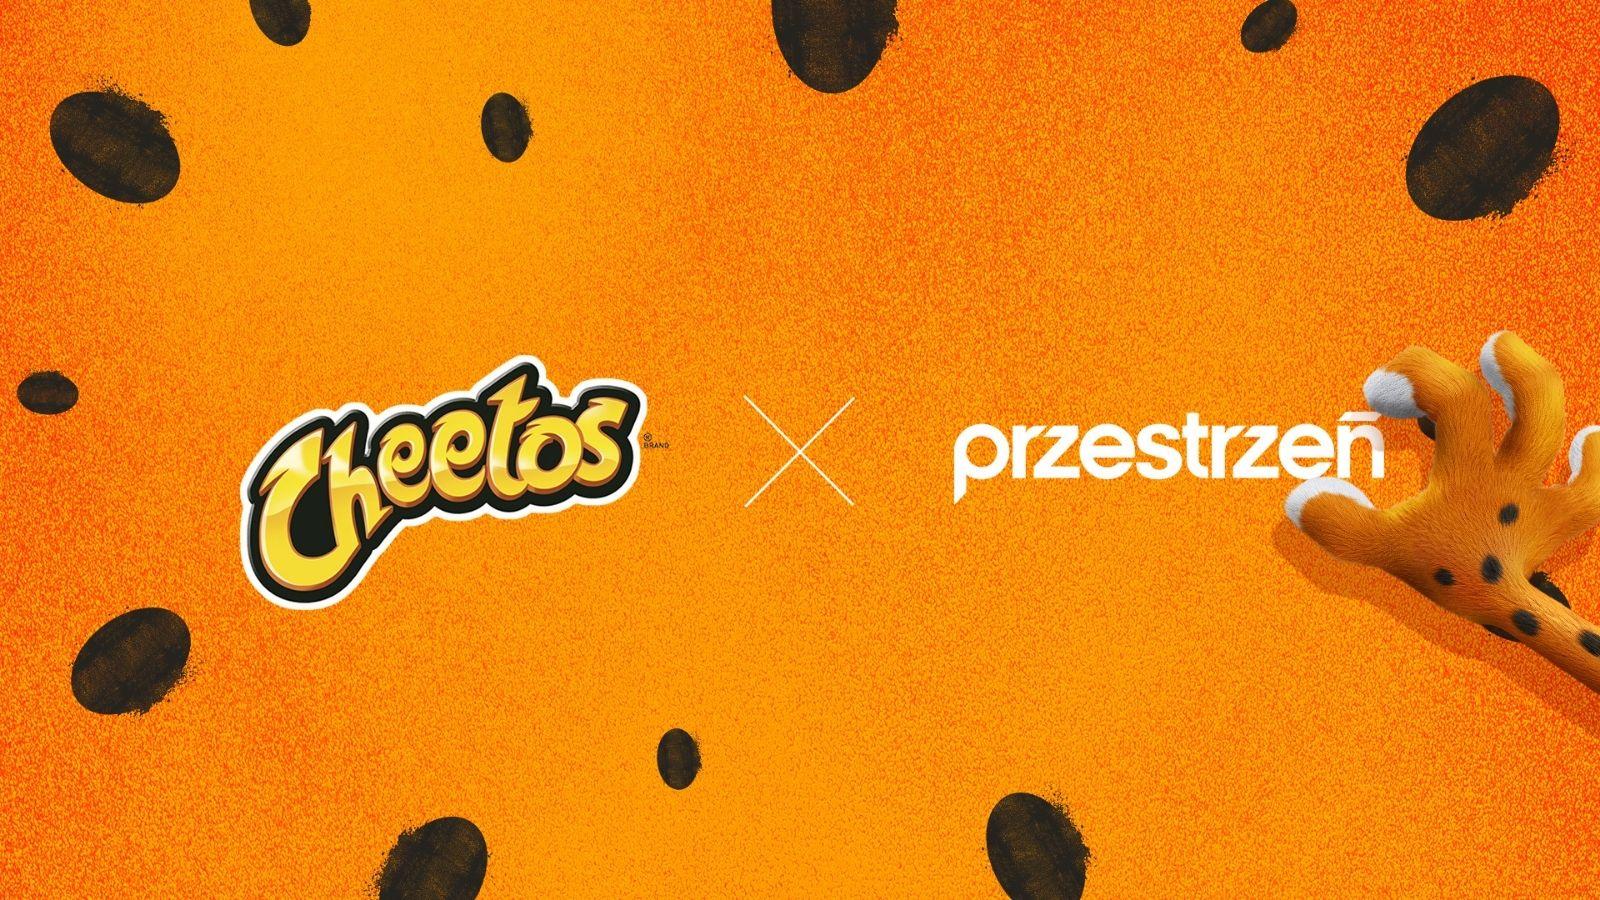 Cheetos rozstrzygnął przetarg! Przetargi mediarun cheetos